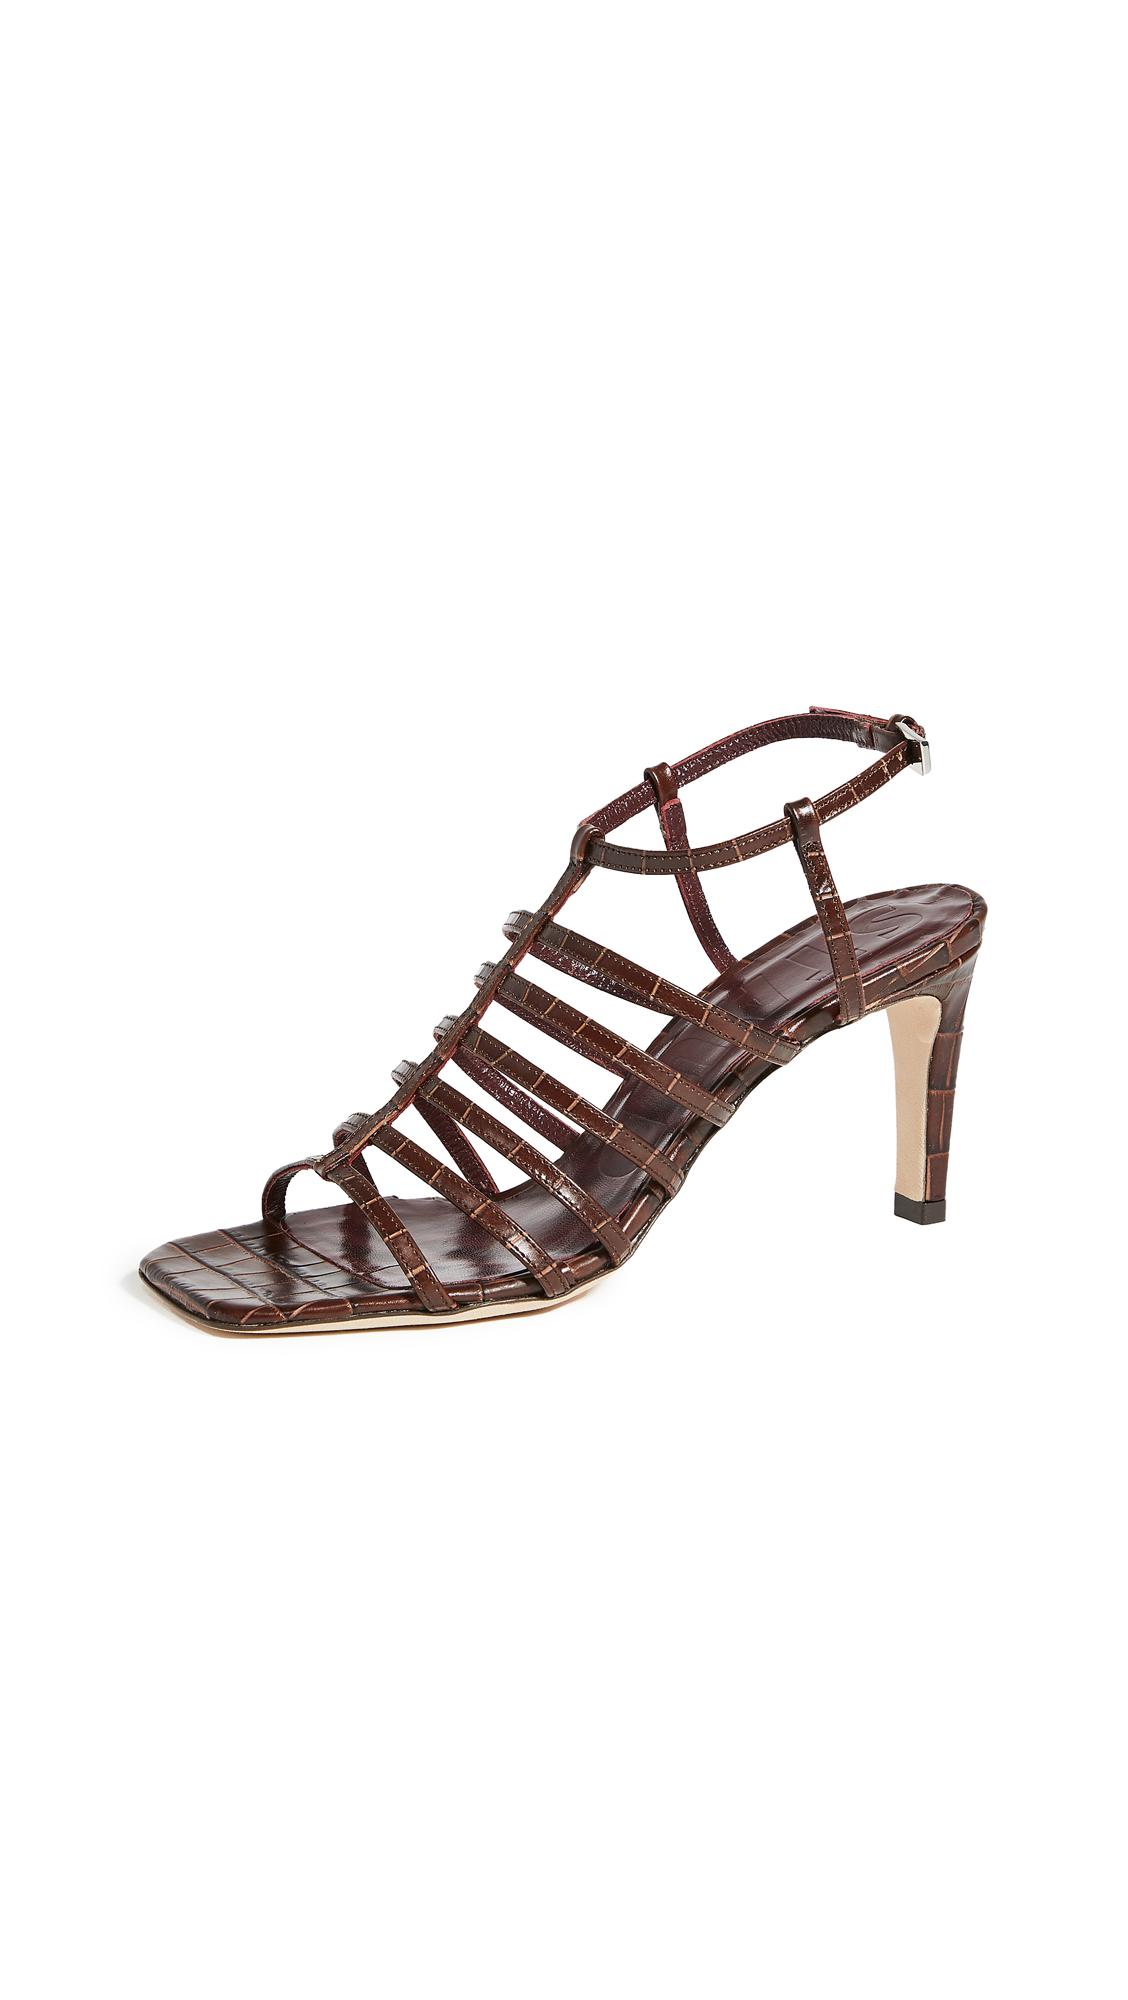 Buy STAUD Ann Sandals online, shop STAUD